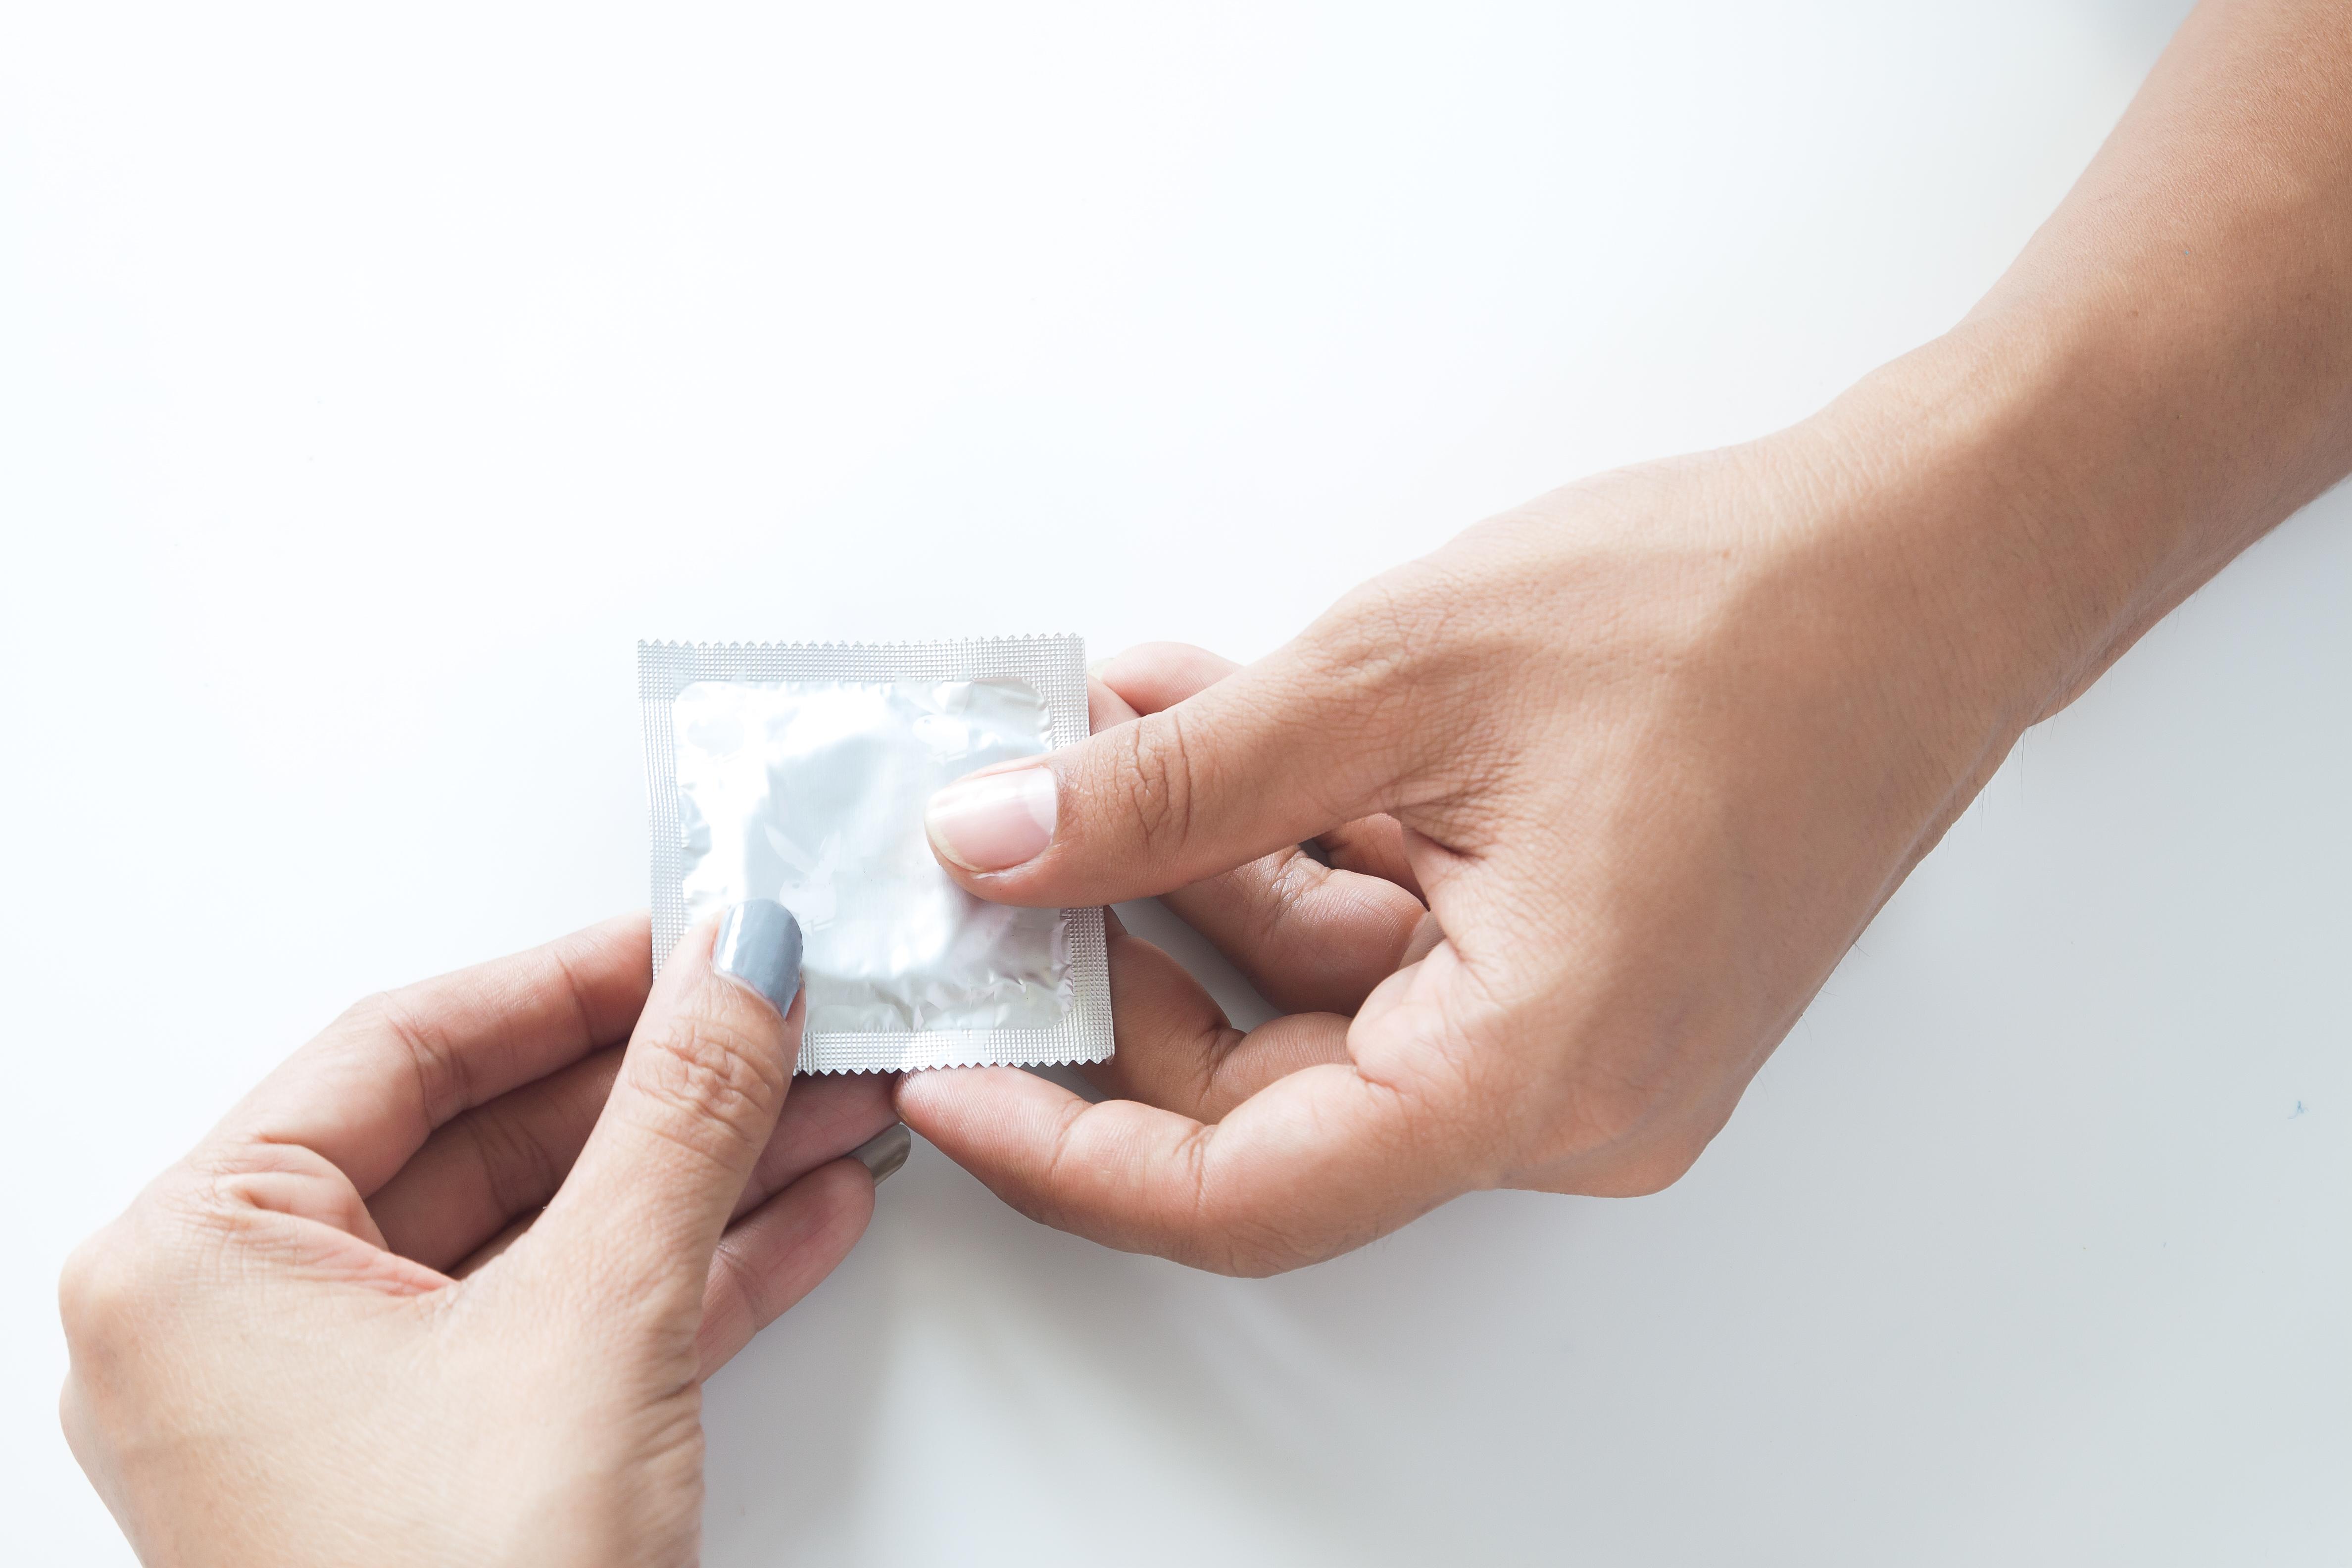 Шлюхи москвы секс без презерватива, Услуги проституток Москвы без презерватива 25 фотография